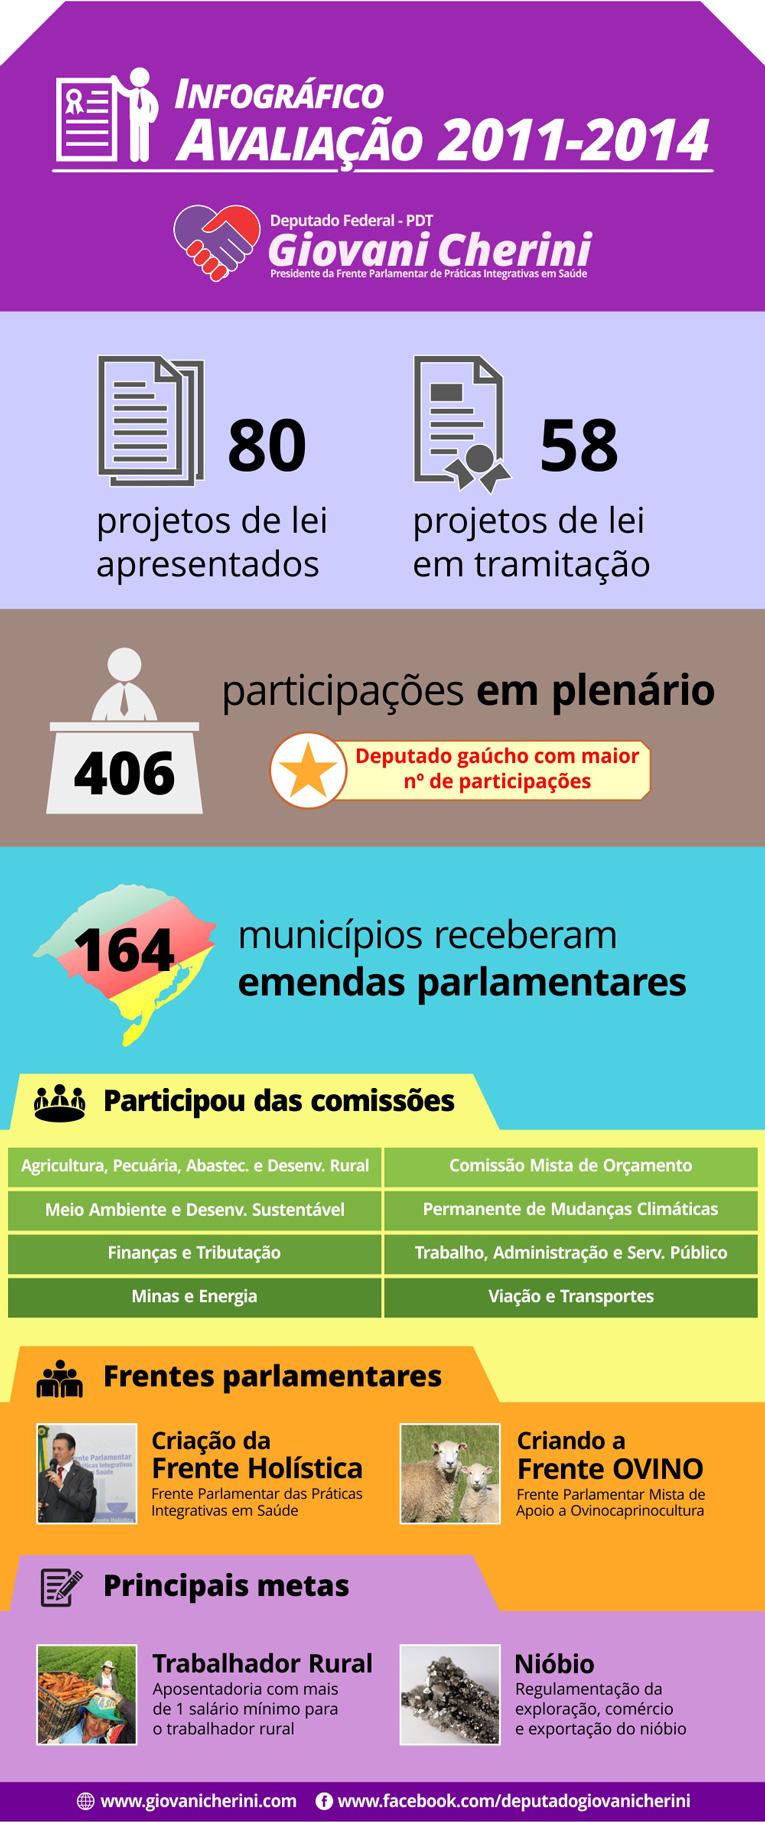 Infográfico Avaliação mandato 2011-2014 Giovani Cherini